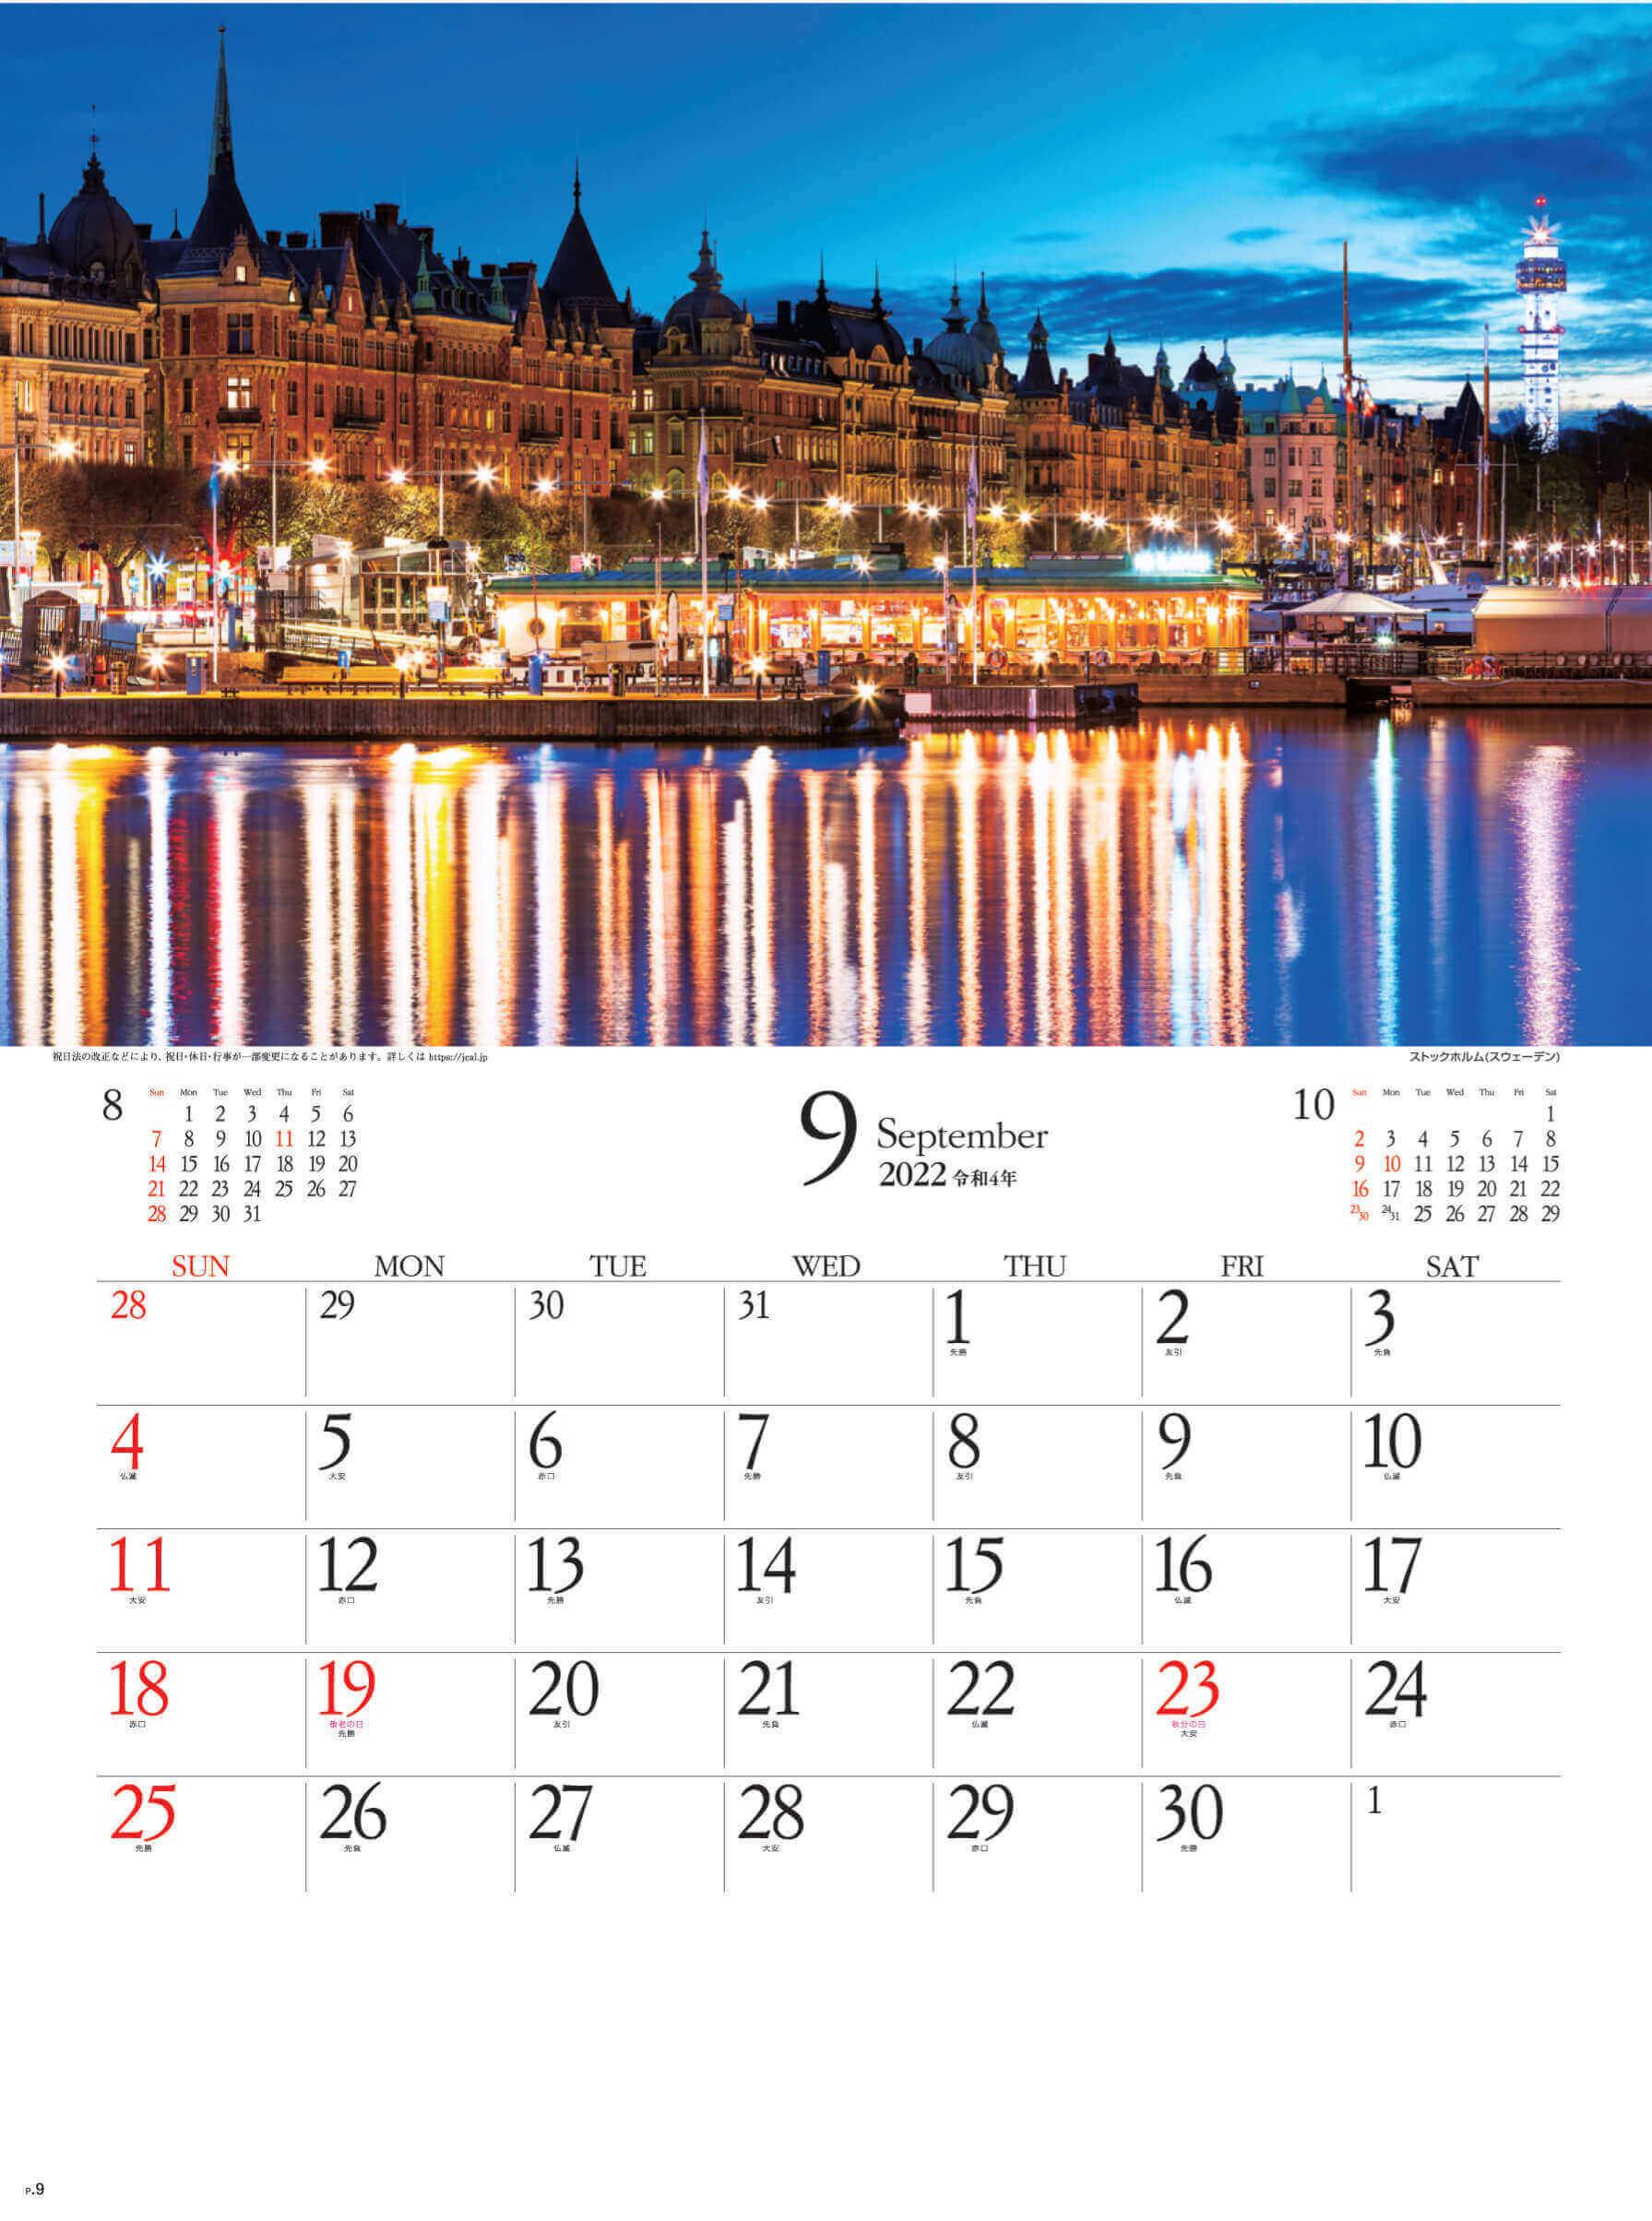 9月 ストックホルム スウェーデン エンドレスシティ・世界の夜景 2022年カレンダーの画像